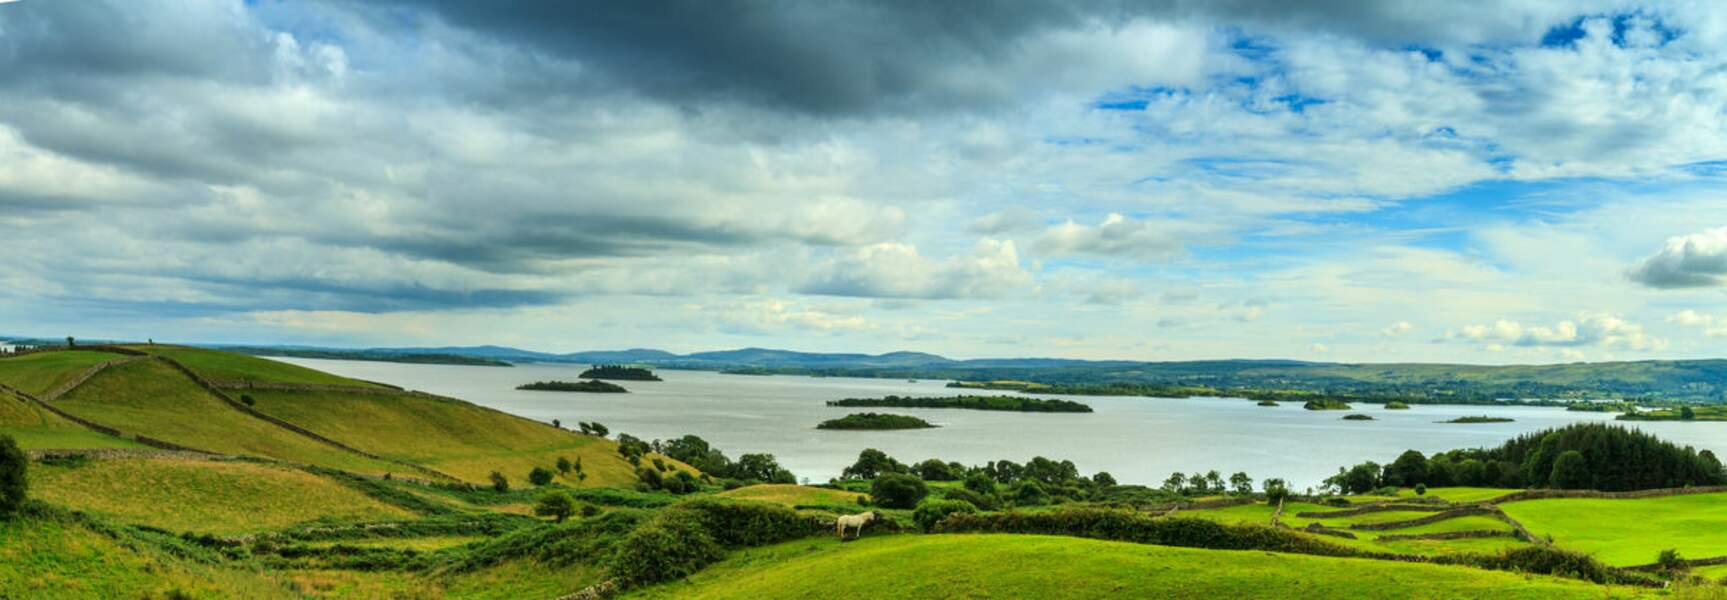 Lough Corrib, dans le Connemara en Irlande